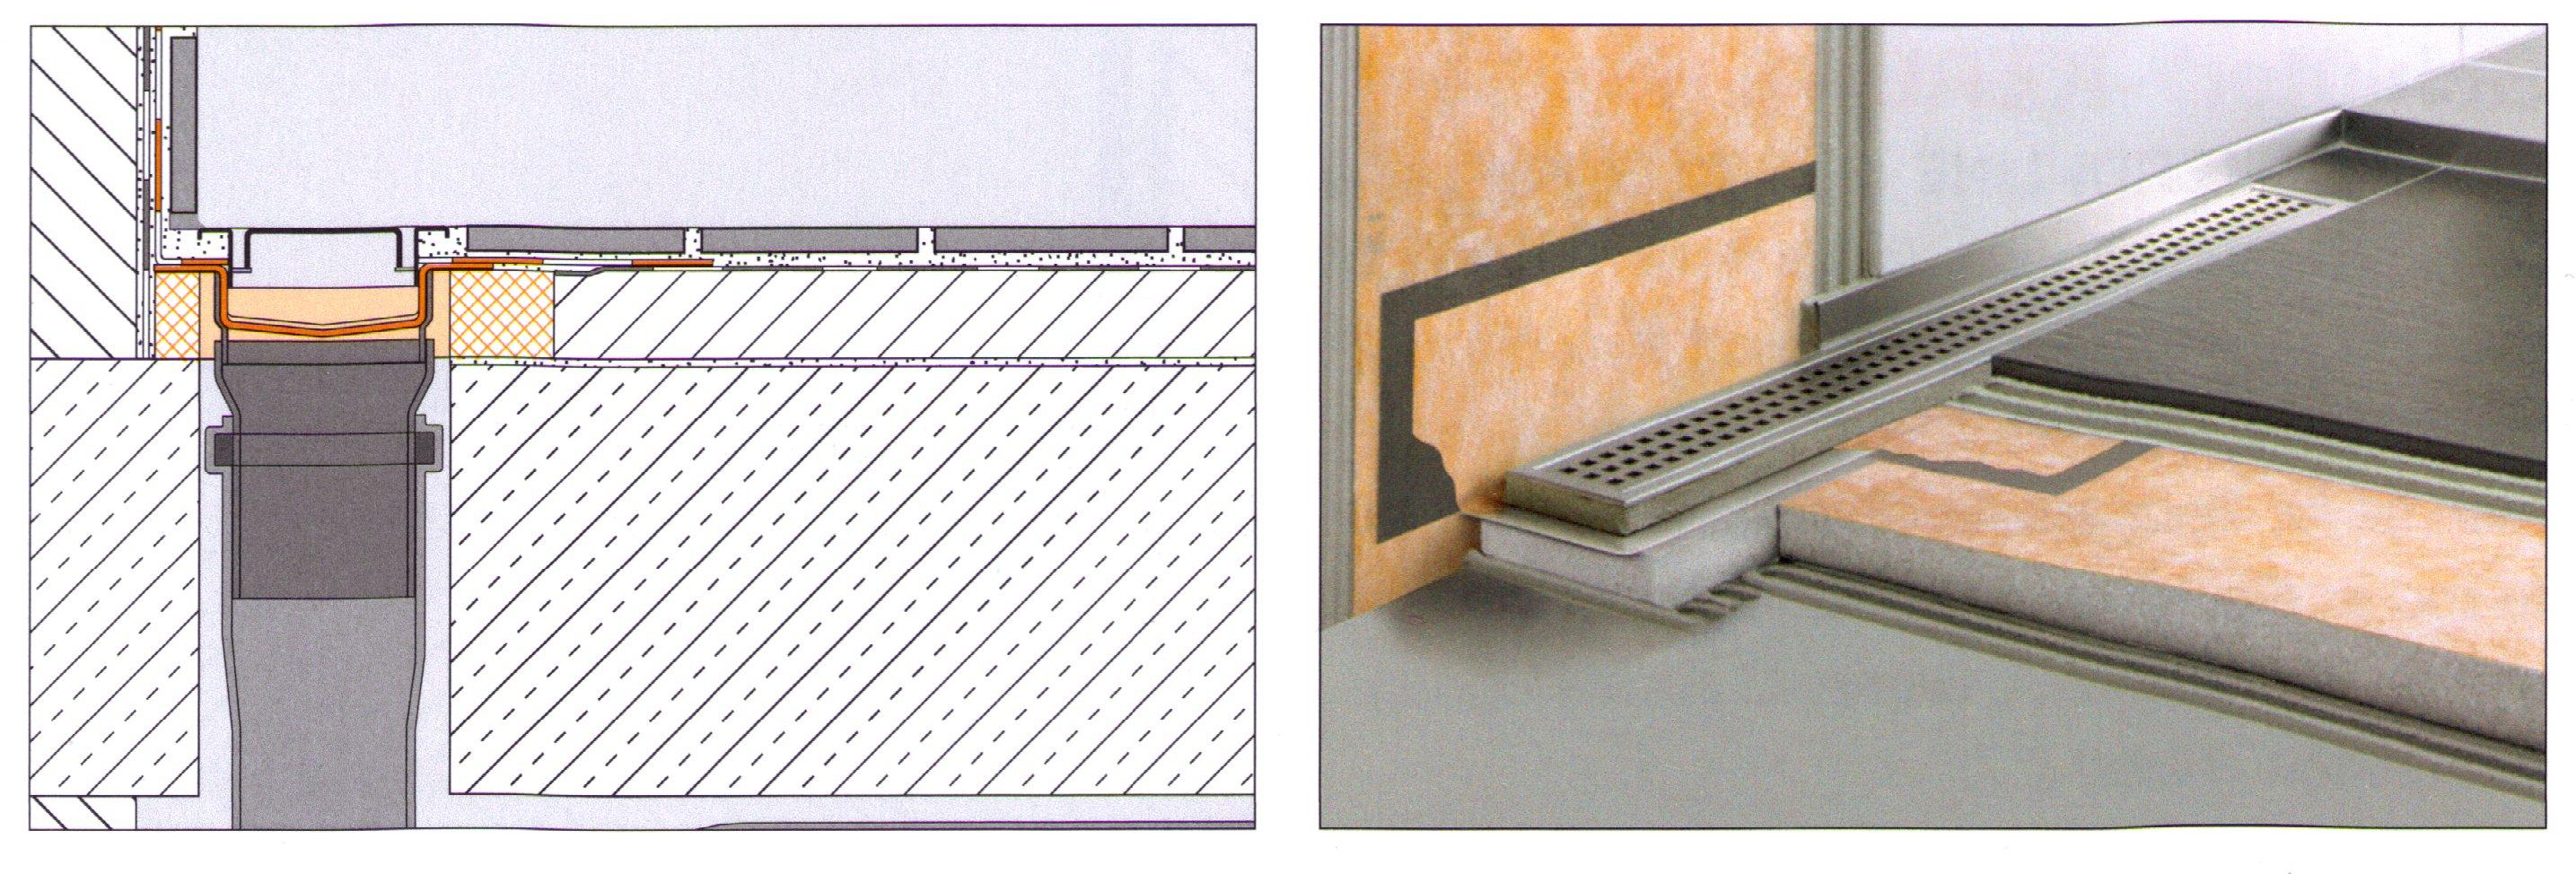 fliesen herdt schl ter kerdi line vos 700mm dezentral. Black Bedroom Furniture Sets. Home Design Ideas